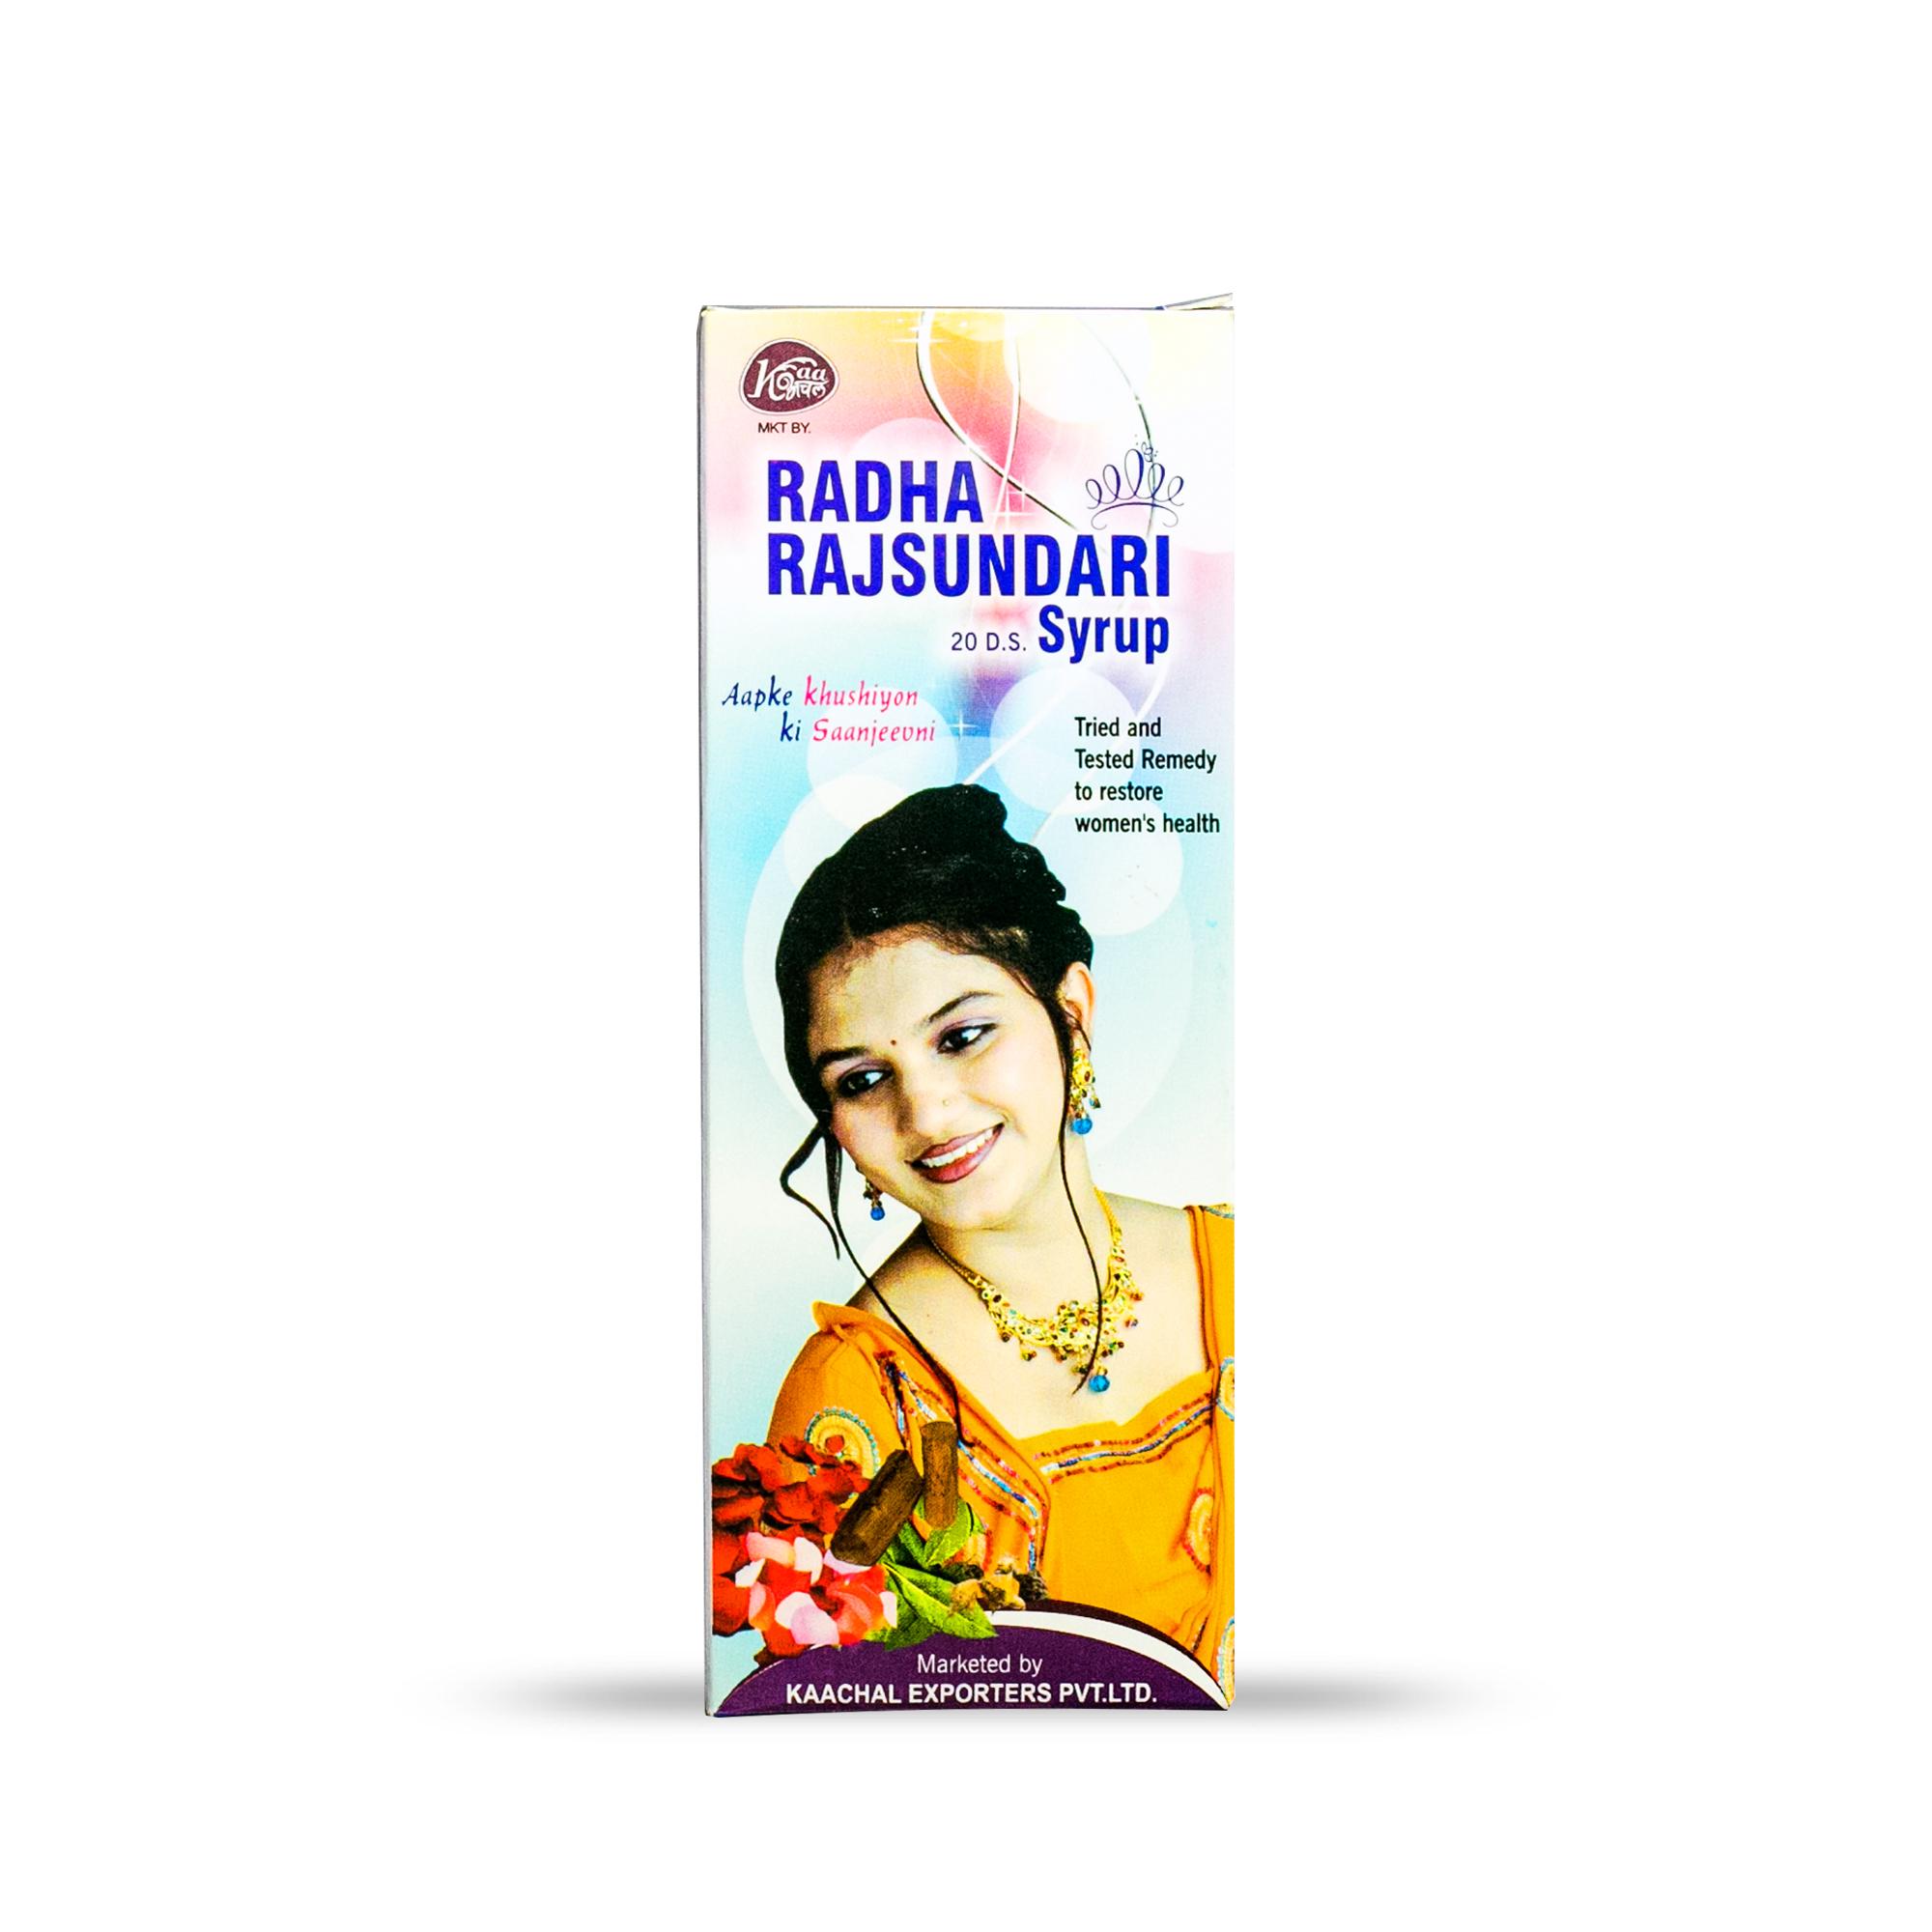 Radha Rajsundari Syrup